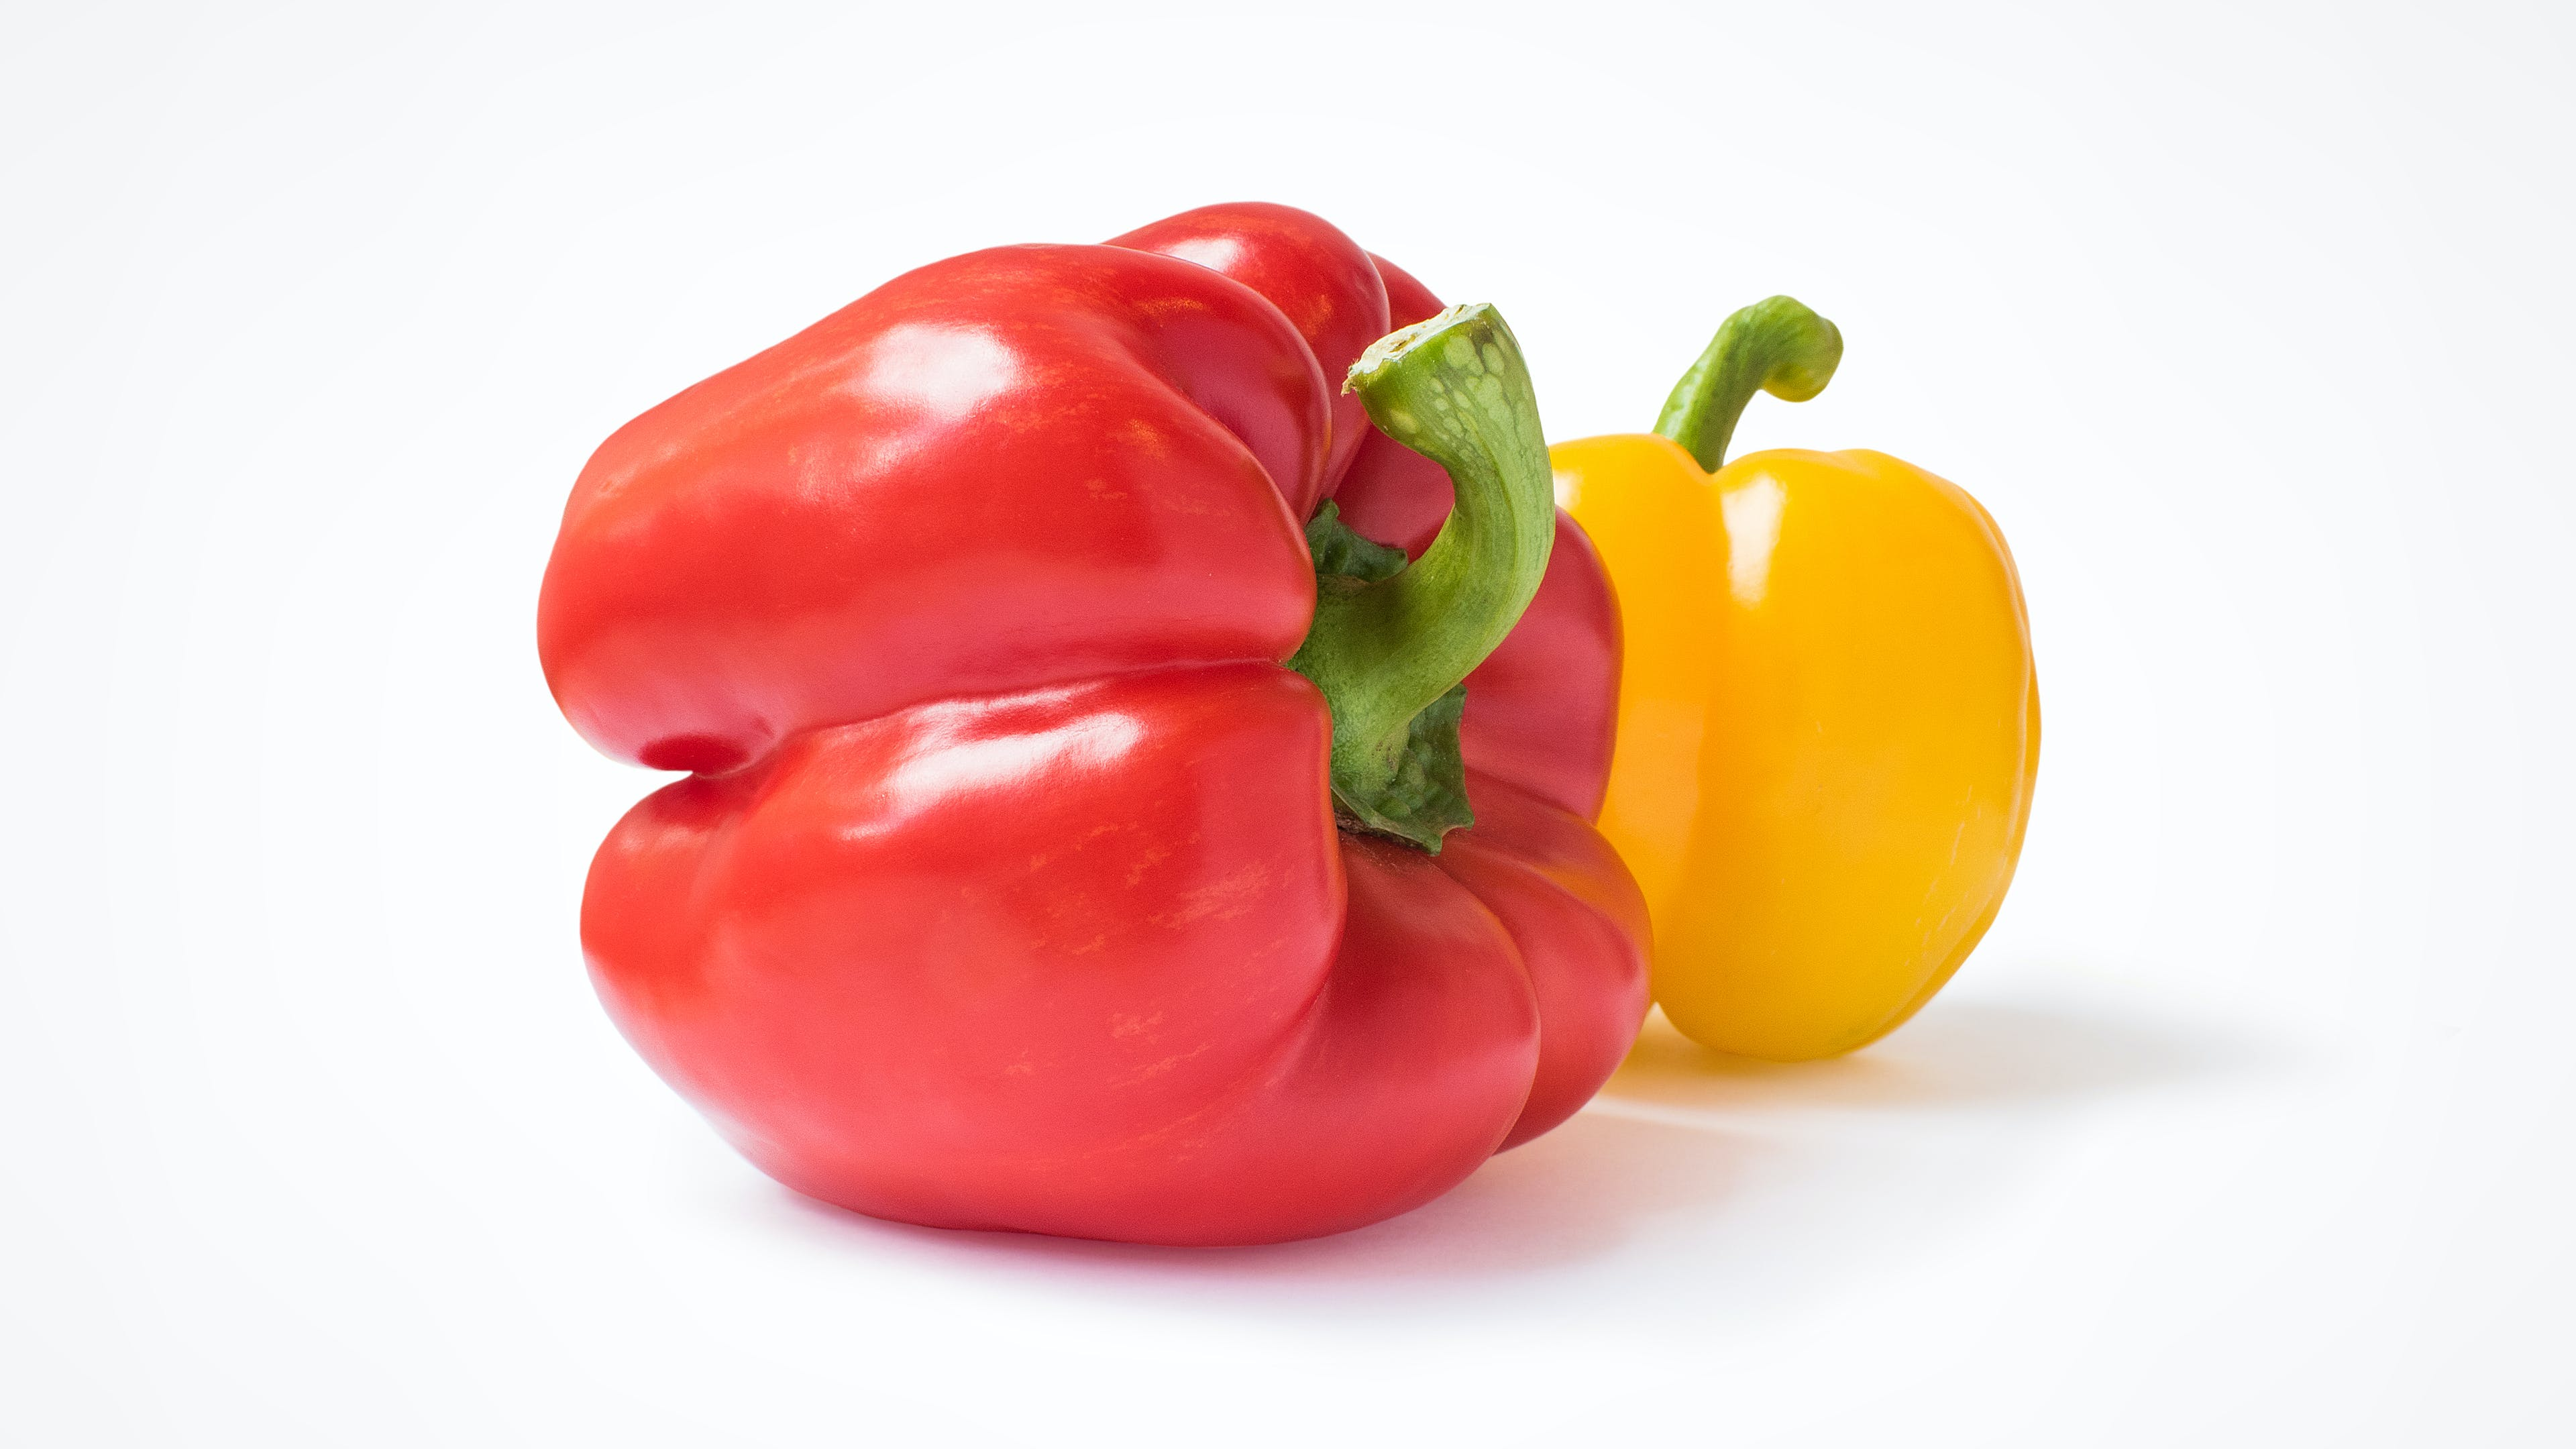 Free stock photo of food, fresh vegetable, healthy, ingredient